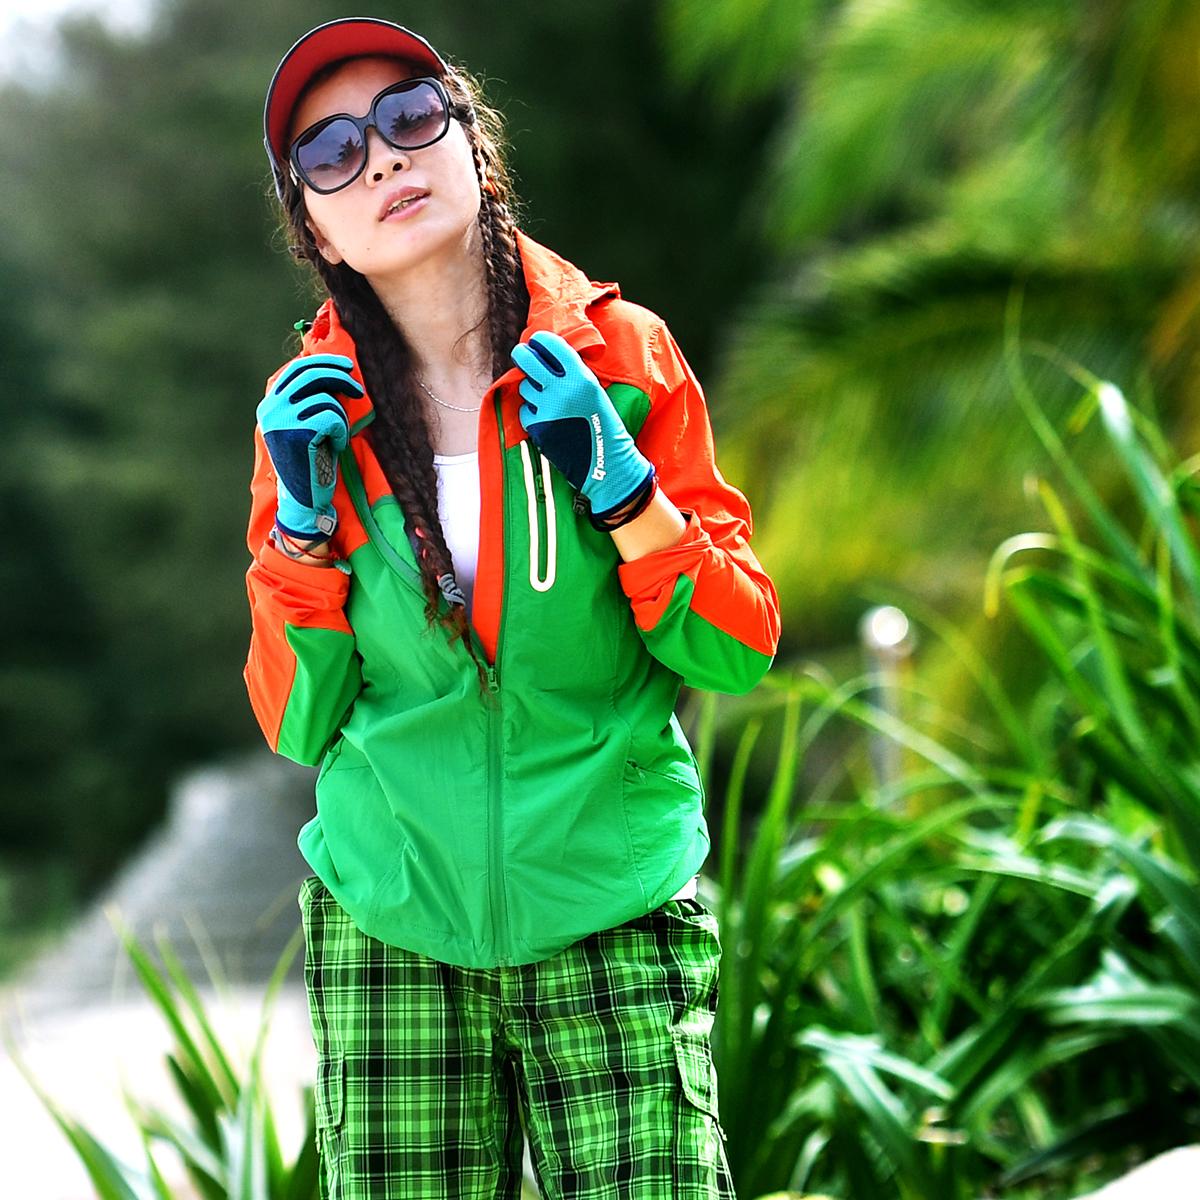 Пекин лес на открытом воздухе защита от ультрафиолетовых лучей движение кожа ветровка воздухопроницаемый пригодный для носки быстросохнущий тонкий быстросохнущие пальто женщина